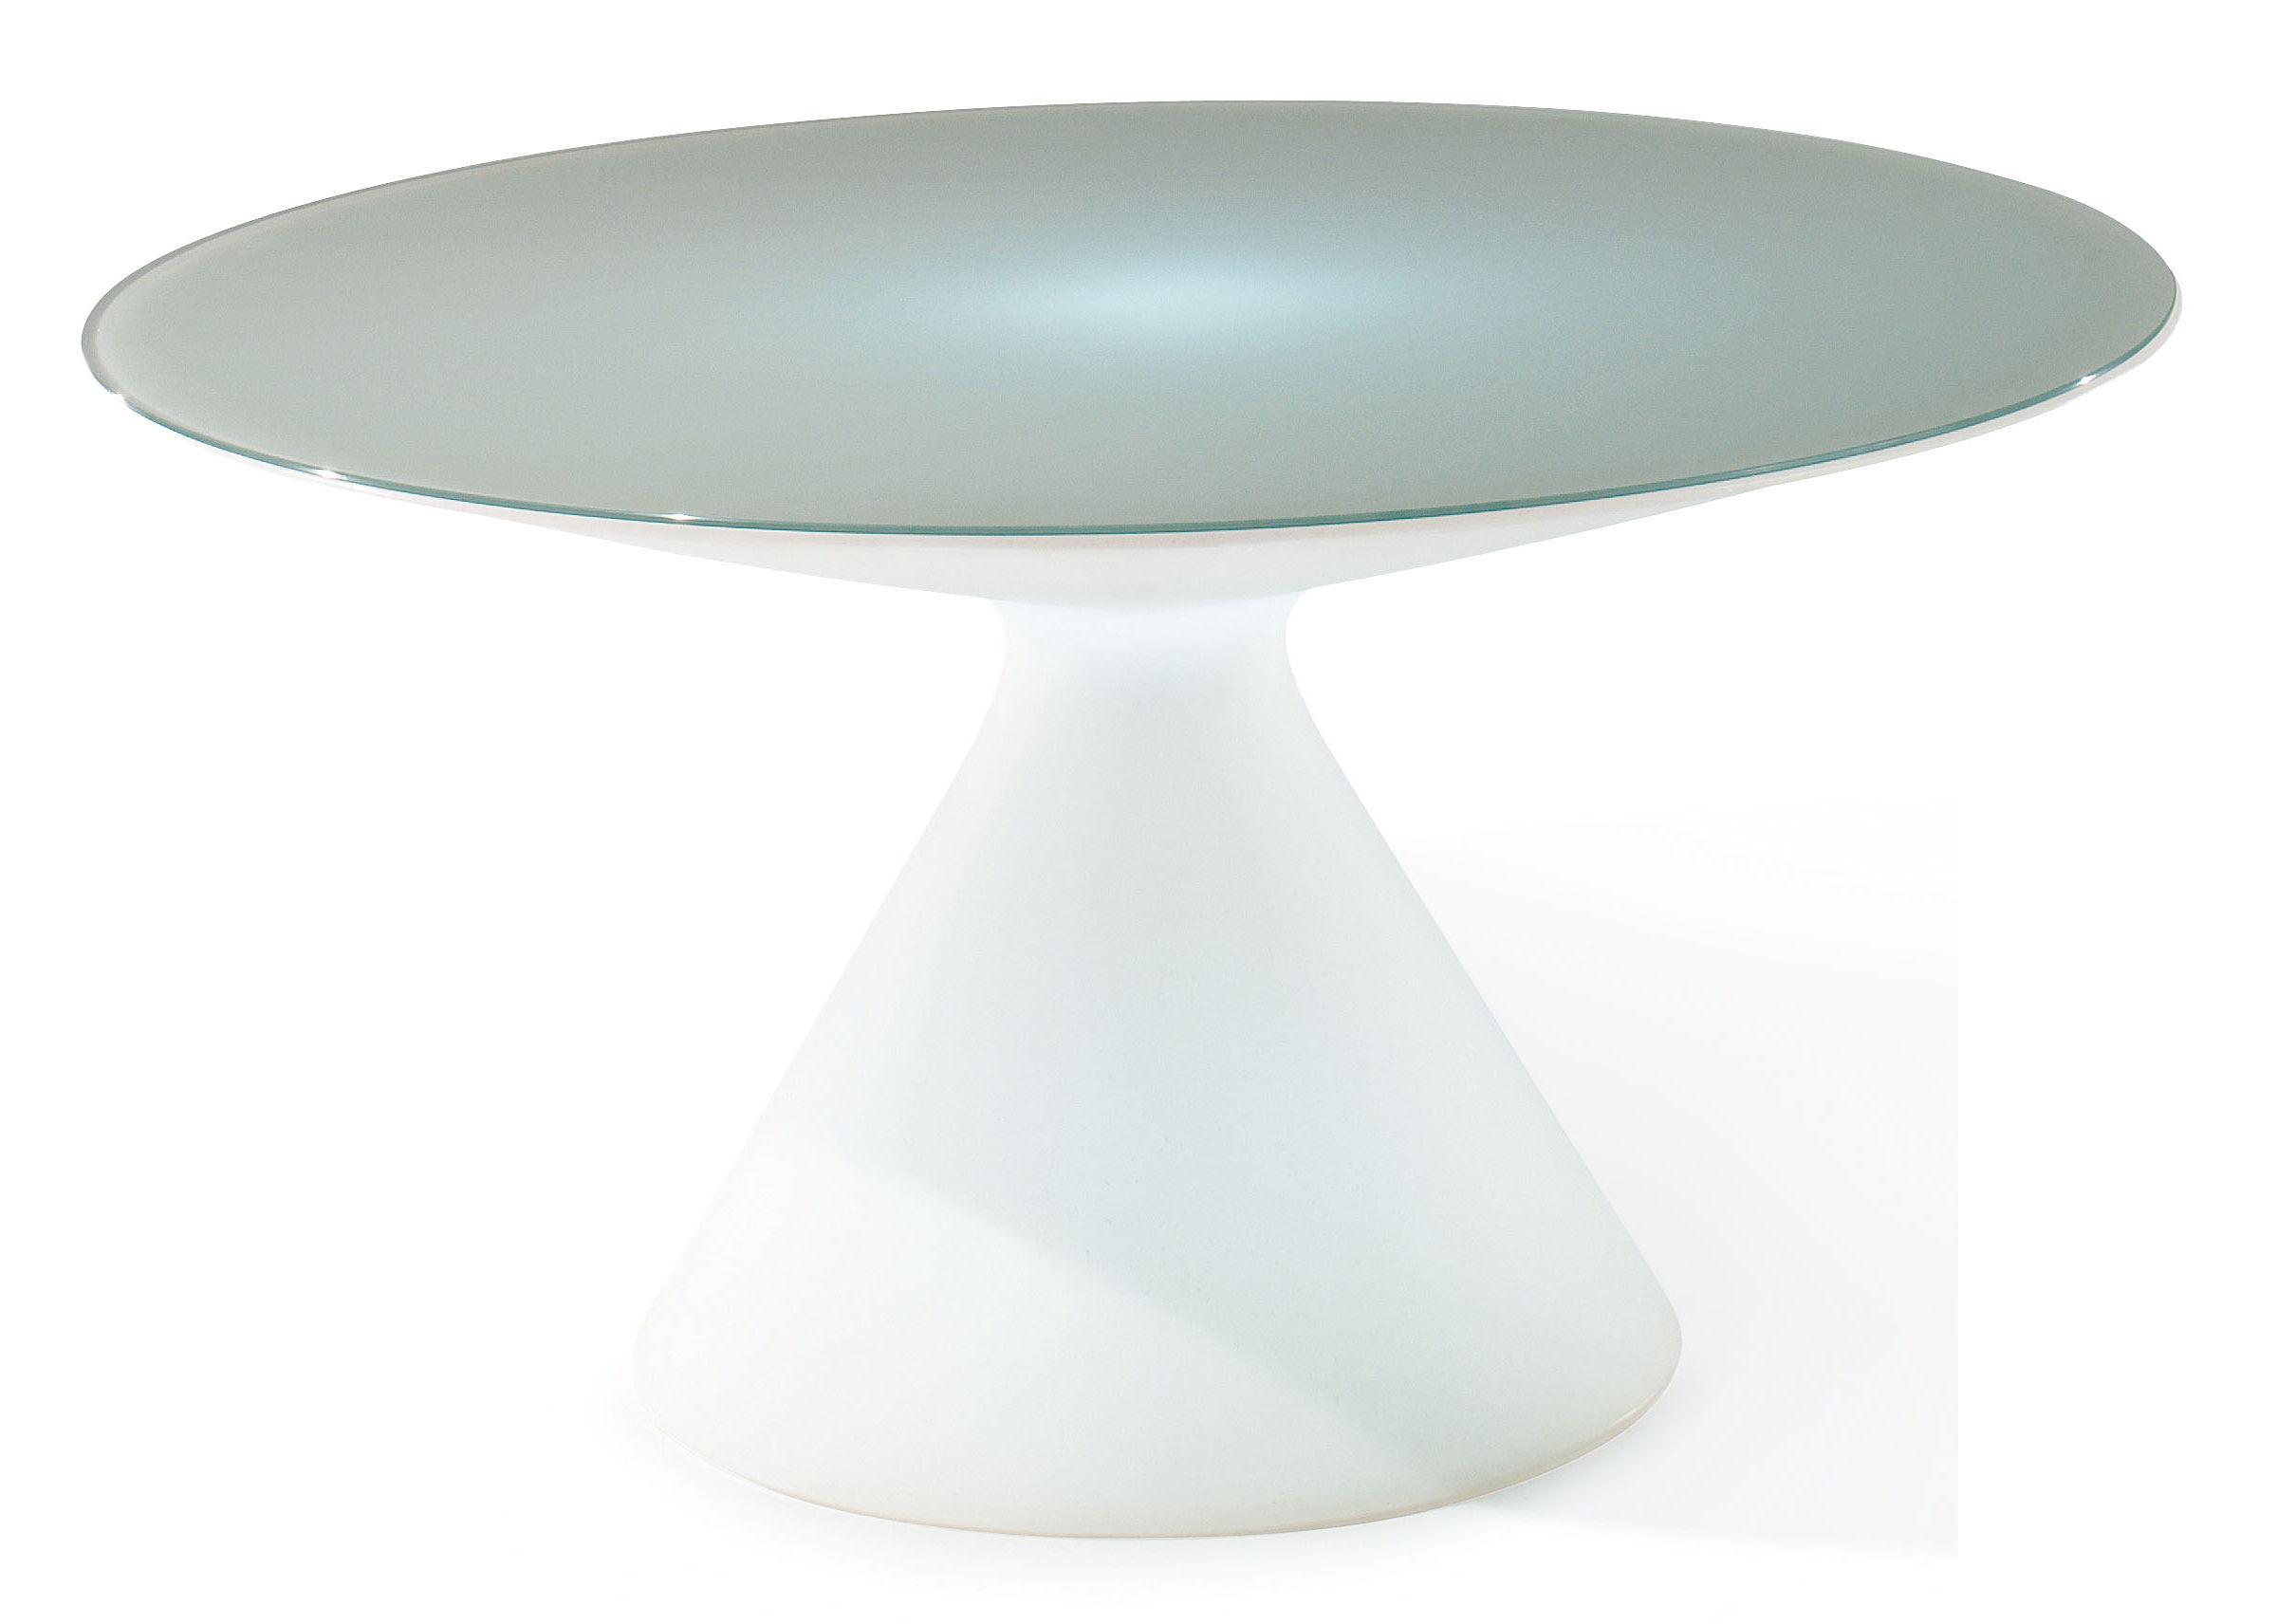 Arredamento - Mobili luminosi - Tavolo luminoso Ed di Slide - Bianco - Vetro